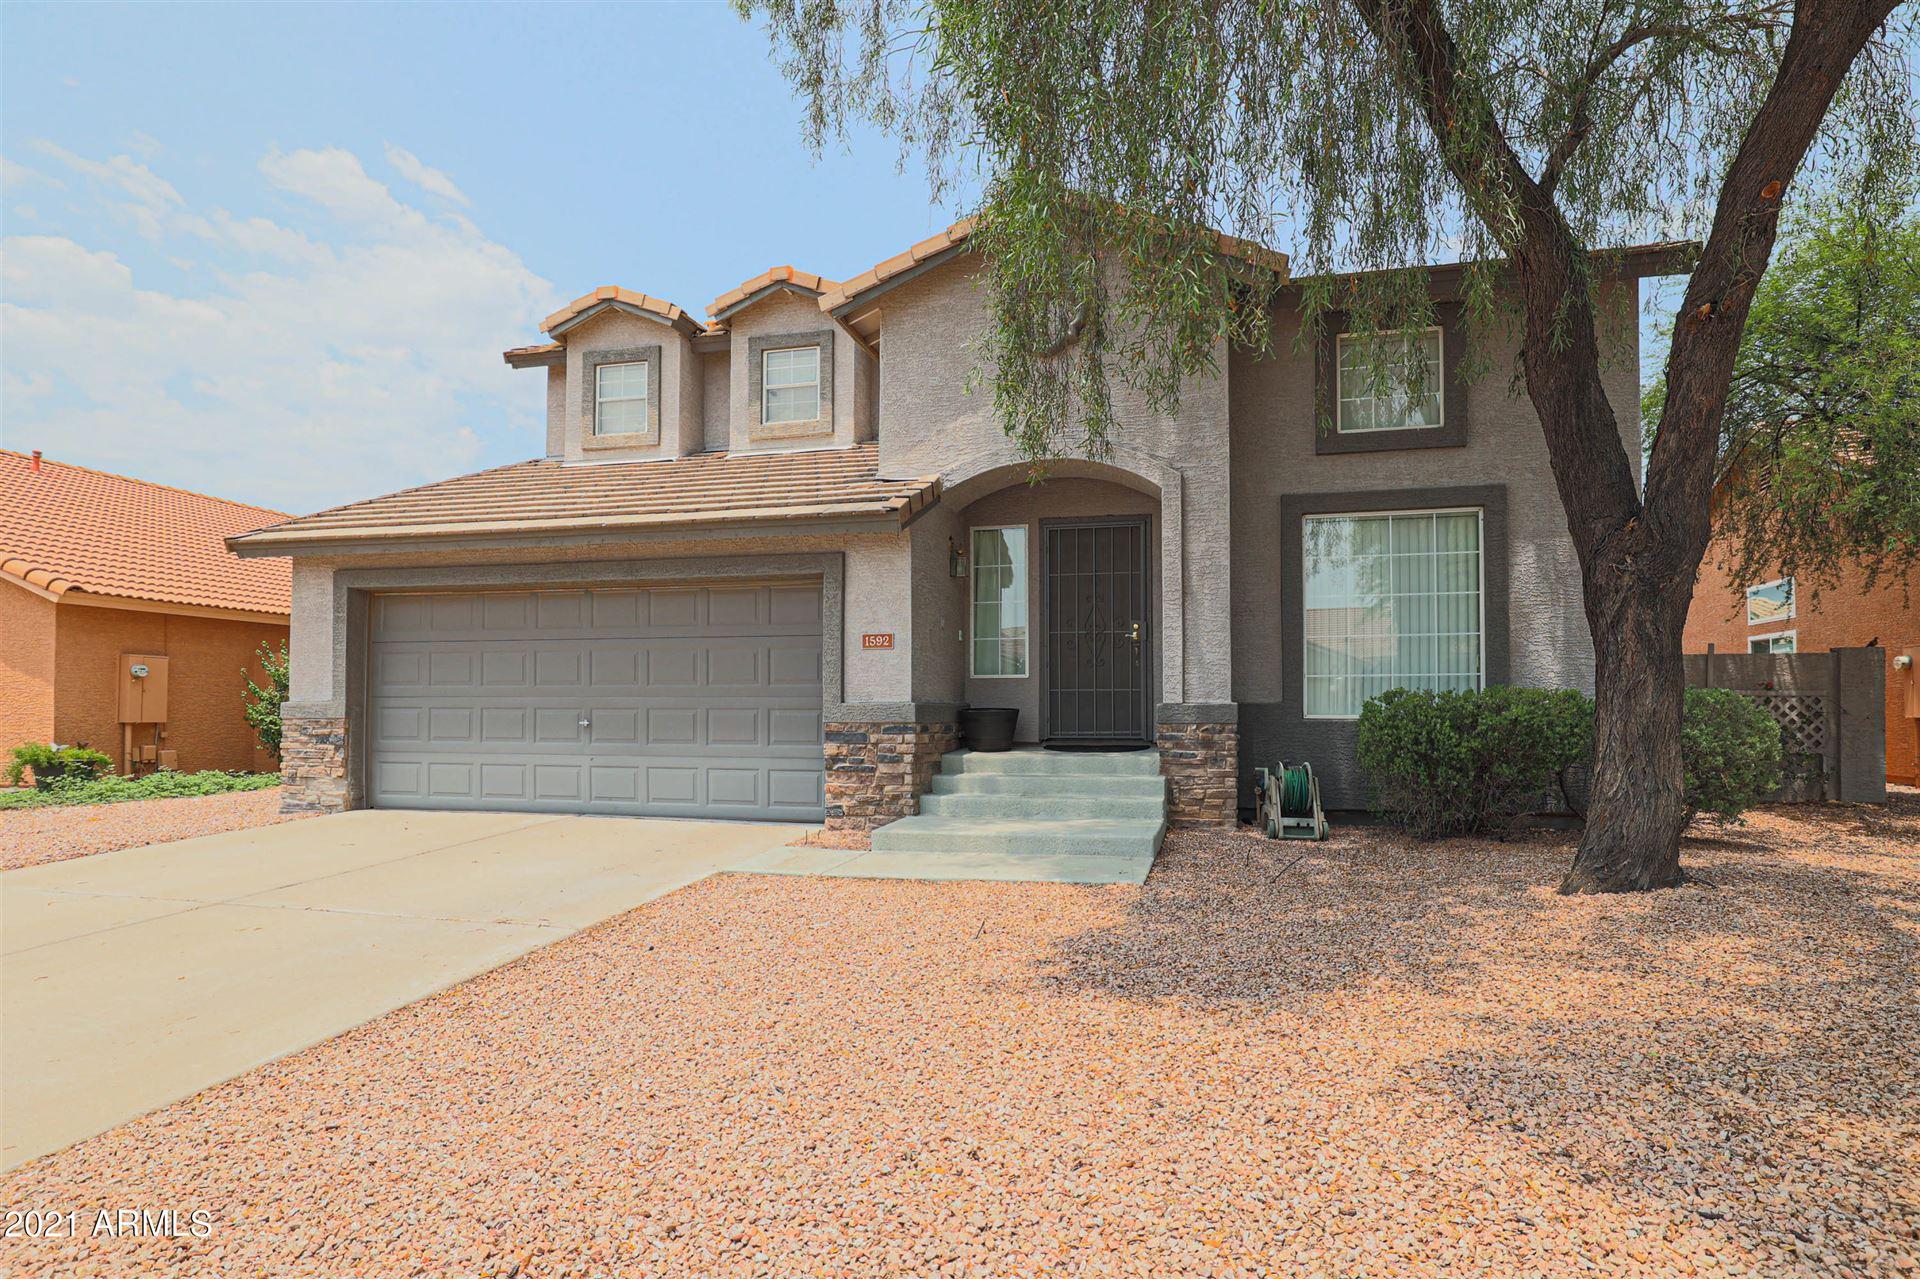 1592 E OAKLAND Street, Chandler, AZ 85225 - MLS#: 6268817